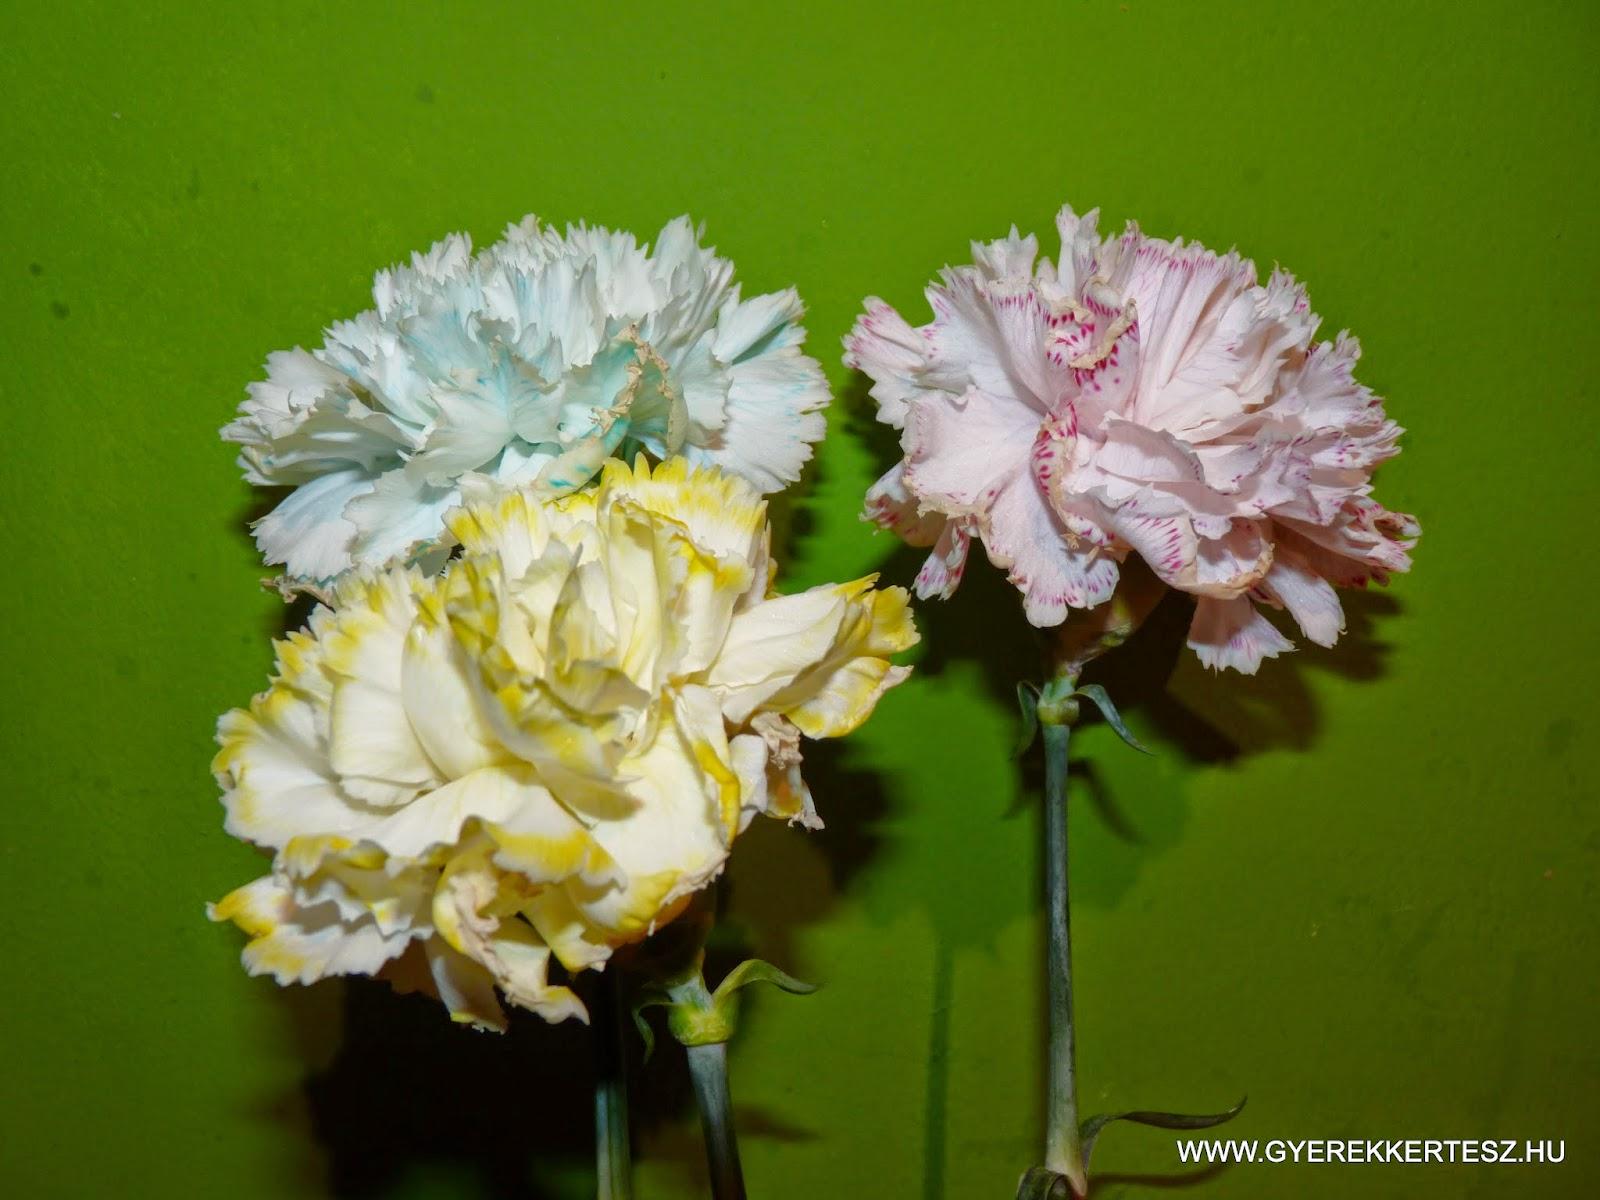 http://2.bp.blogspot.com/-lH5OElE1lqU/VNCNHLtEHyI/AAAAAAAATY8/6ANRpRm0Edo/s1600/viragszinesites3.jpg